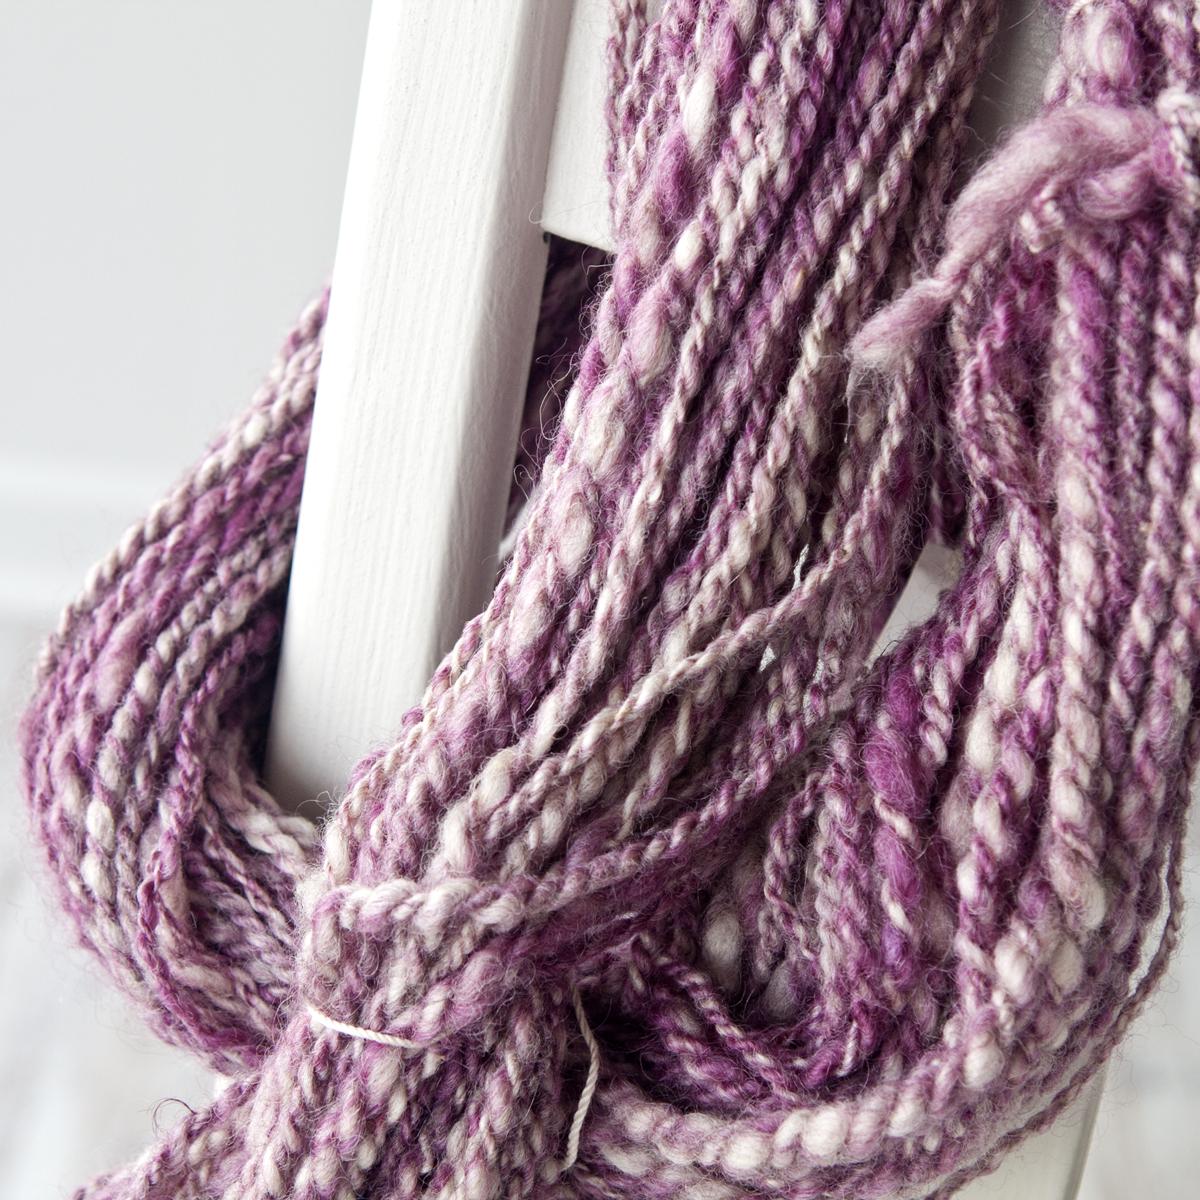 handspun purple.jpg